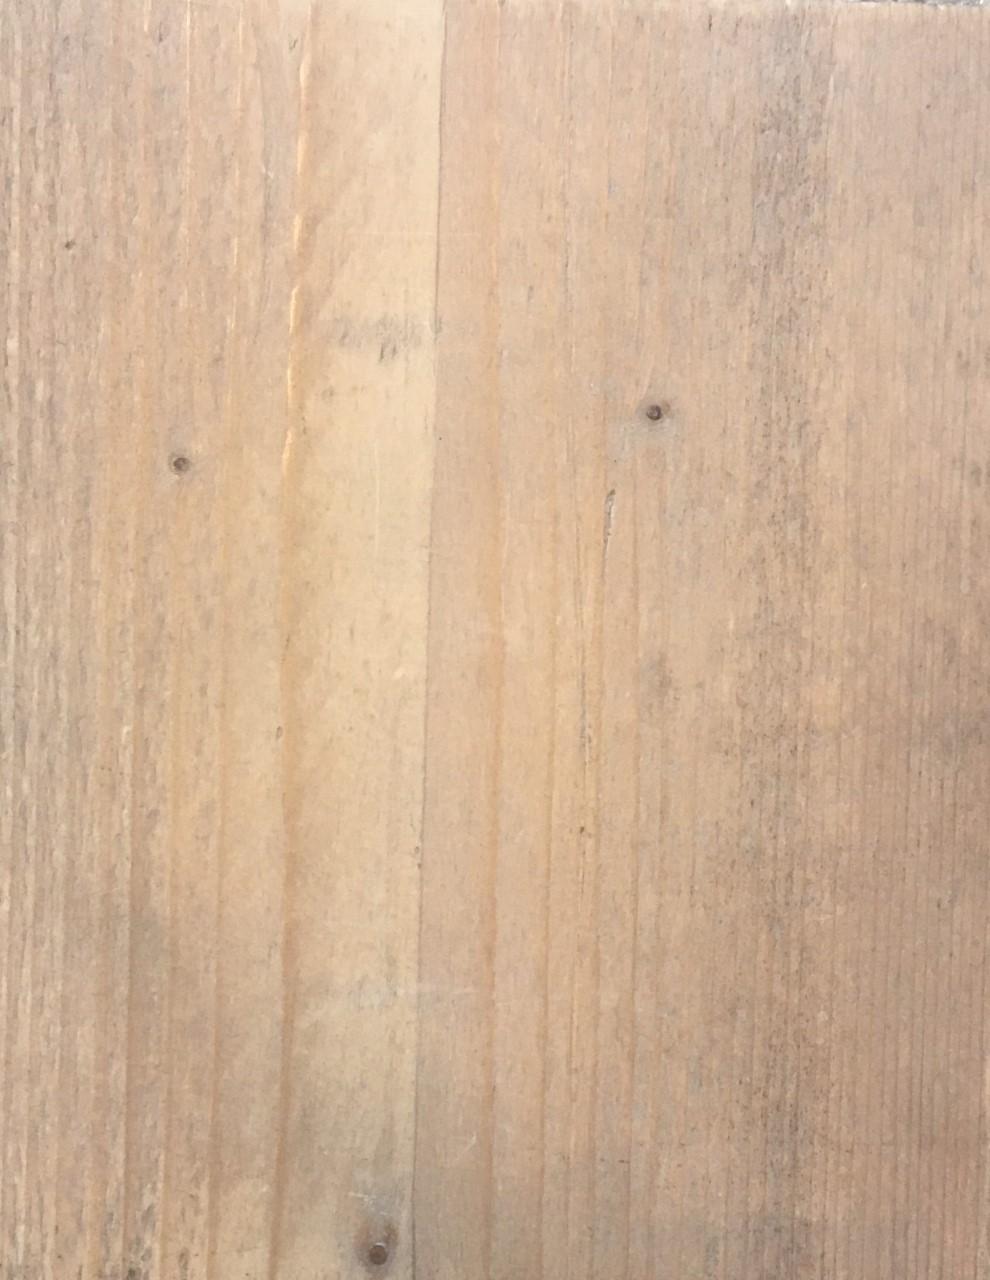 Bekend Eigenschappen en behandeling van steigerhouten en eikenhouten IE73